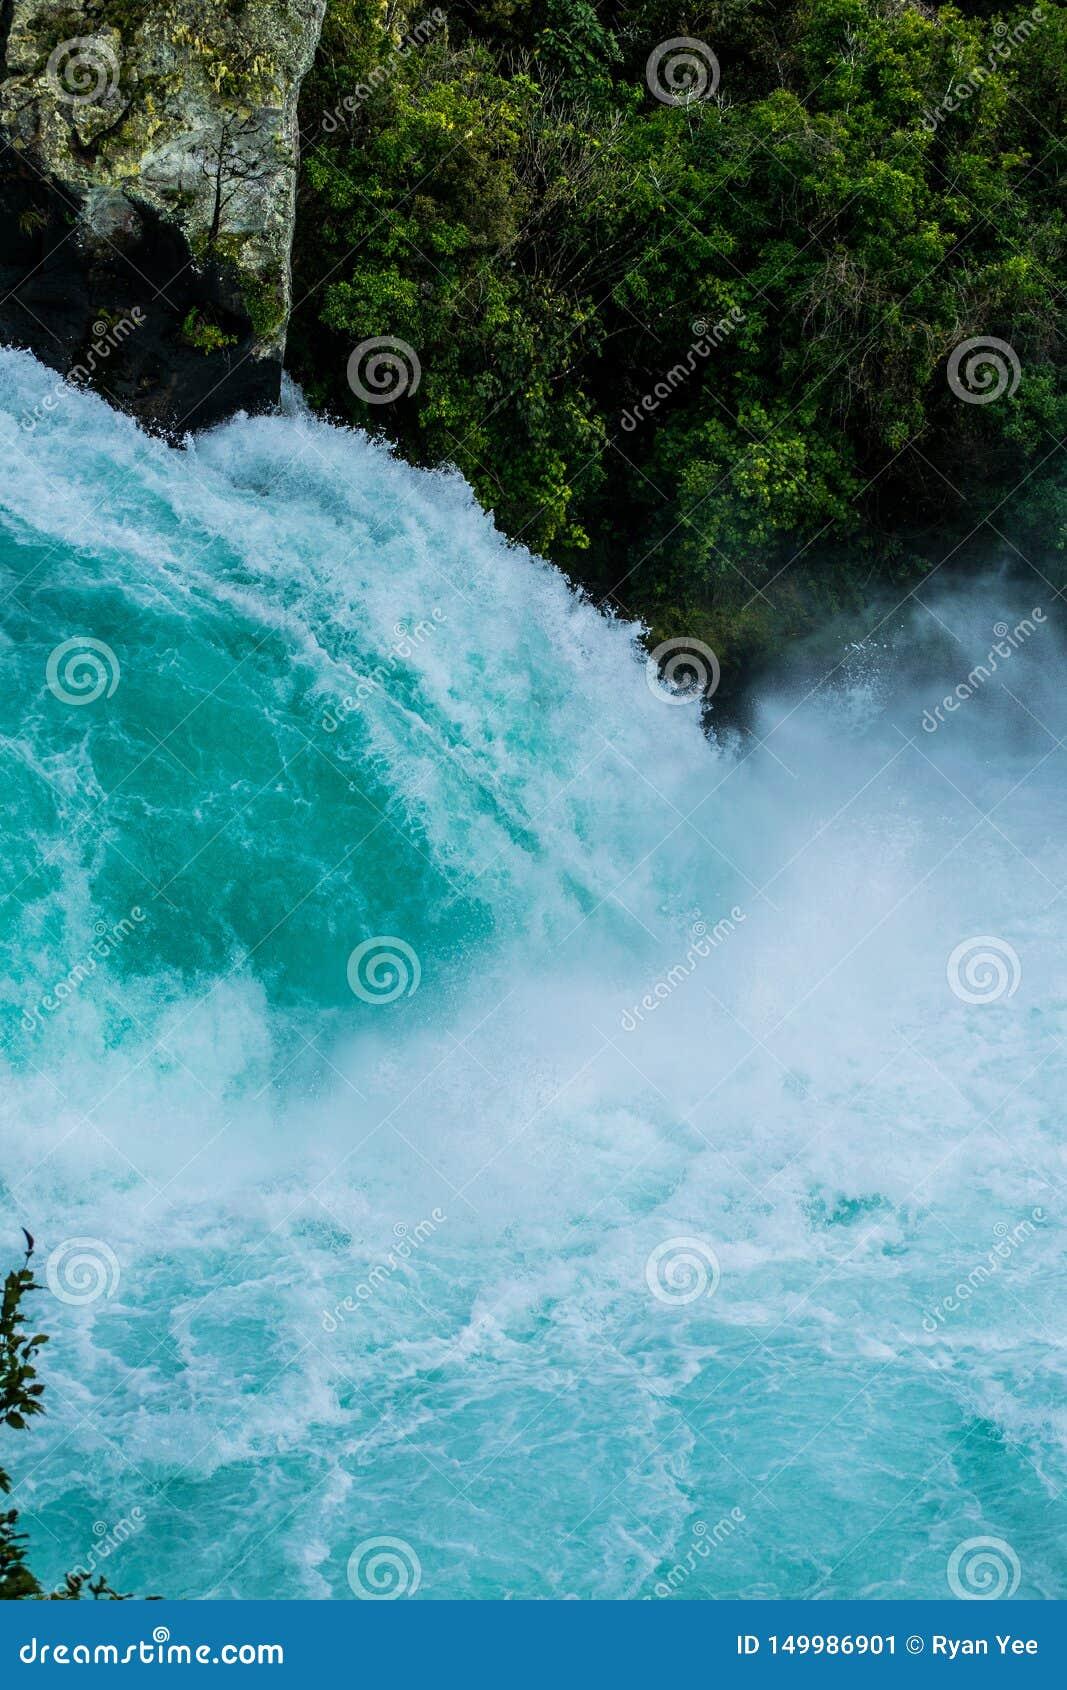 Huge volume of water flowing over waterfall